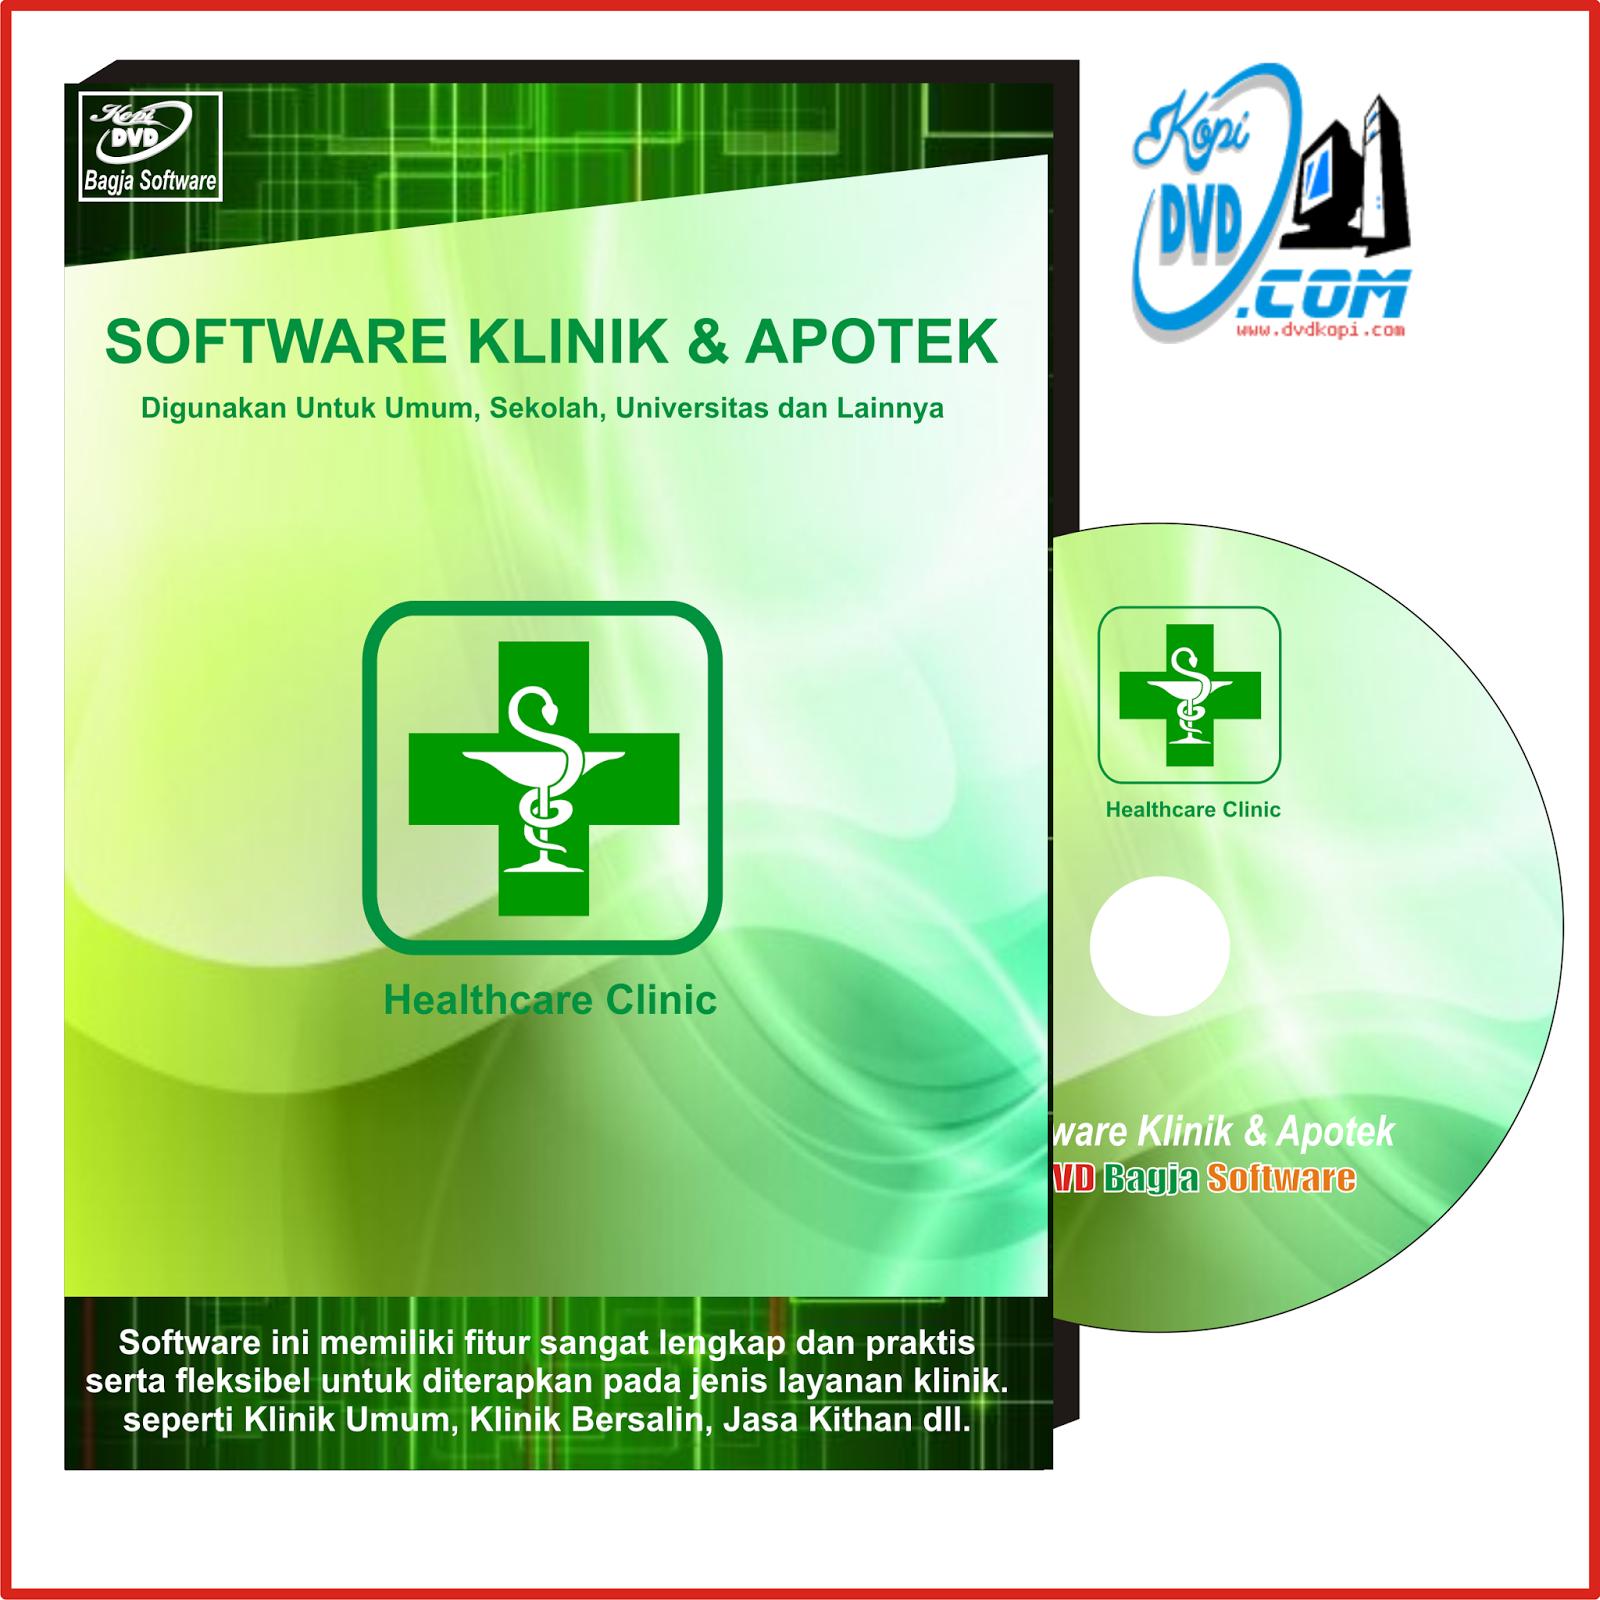 680+ Gambar Desain Logo Apotek HD Gratid Download Gratis